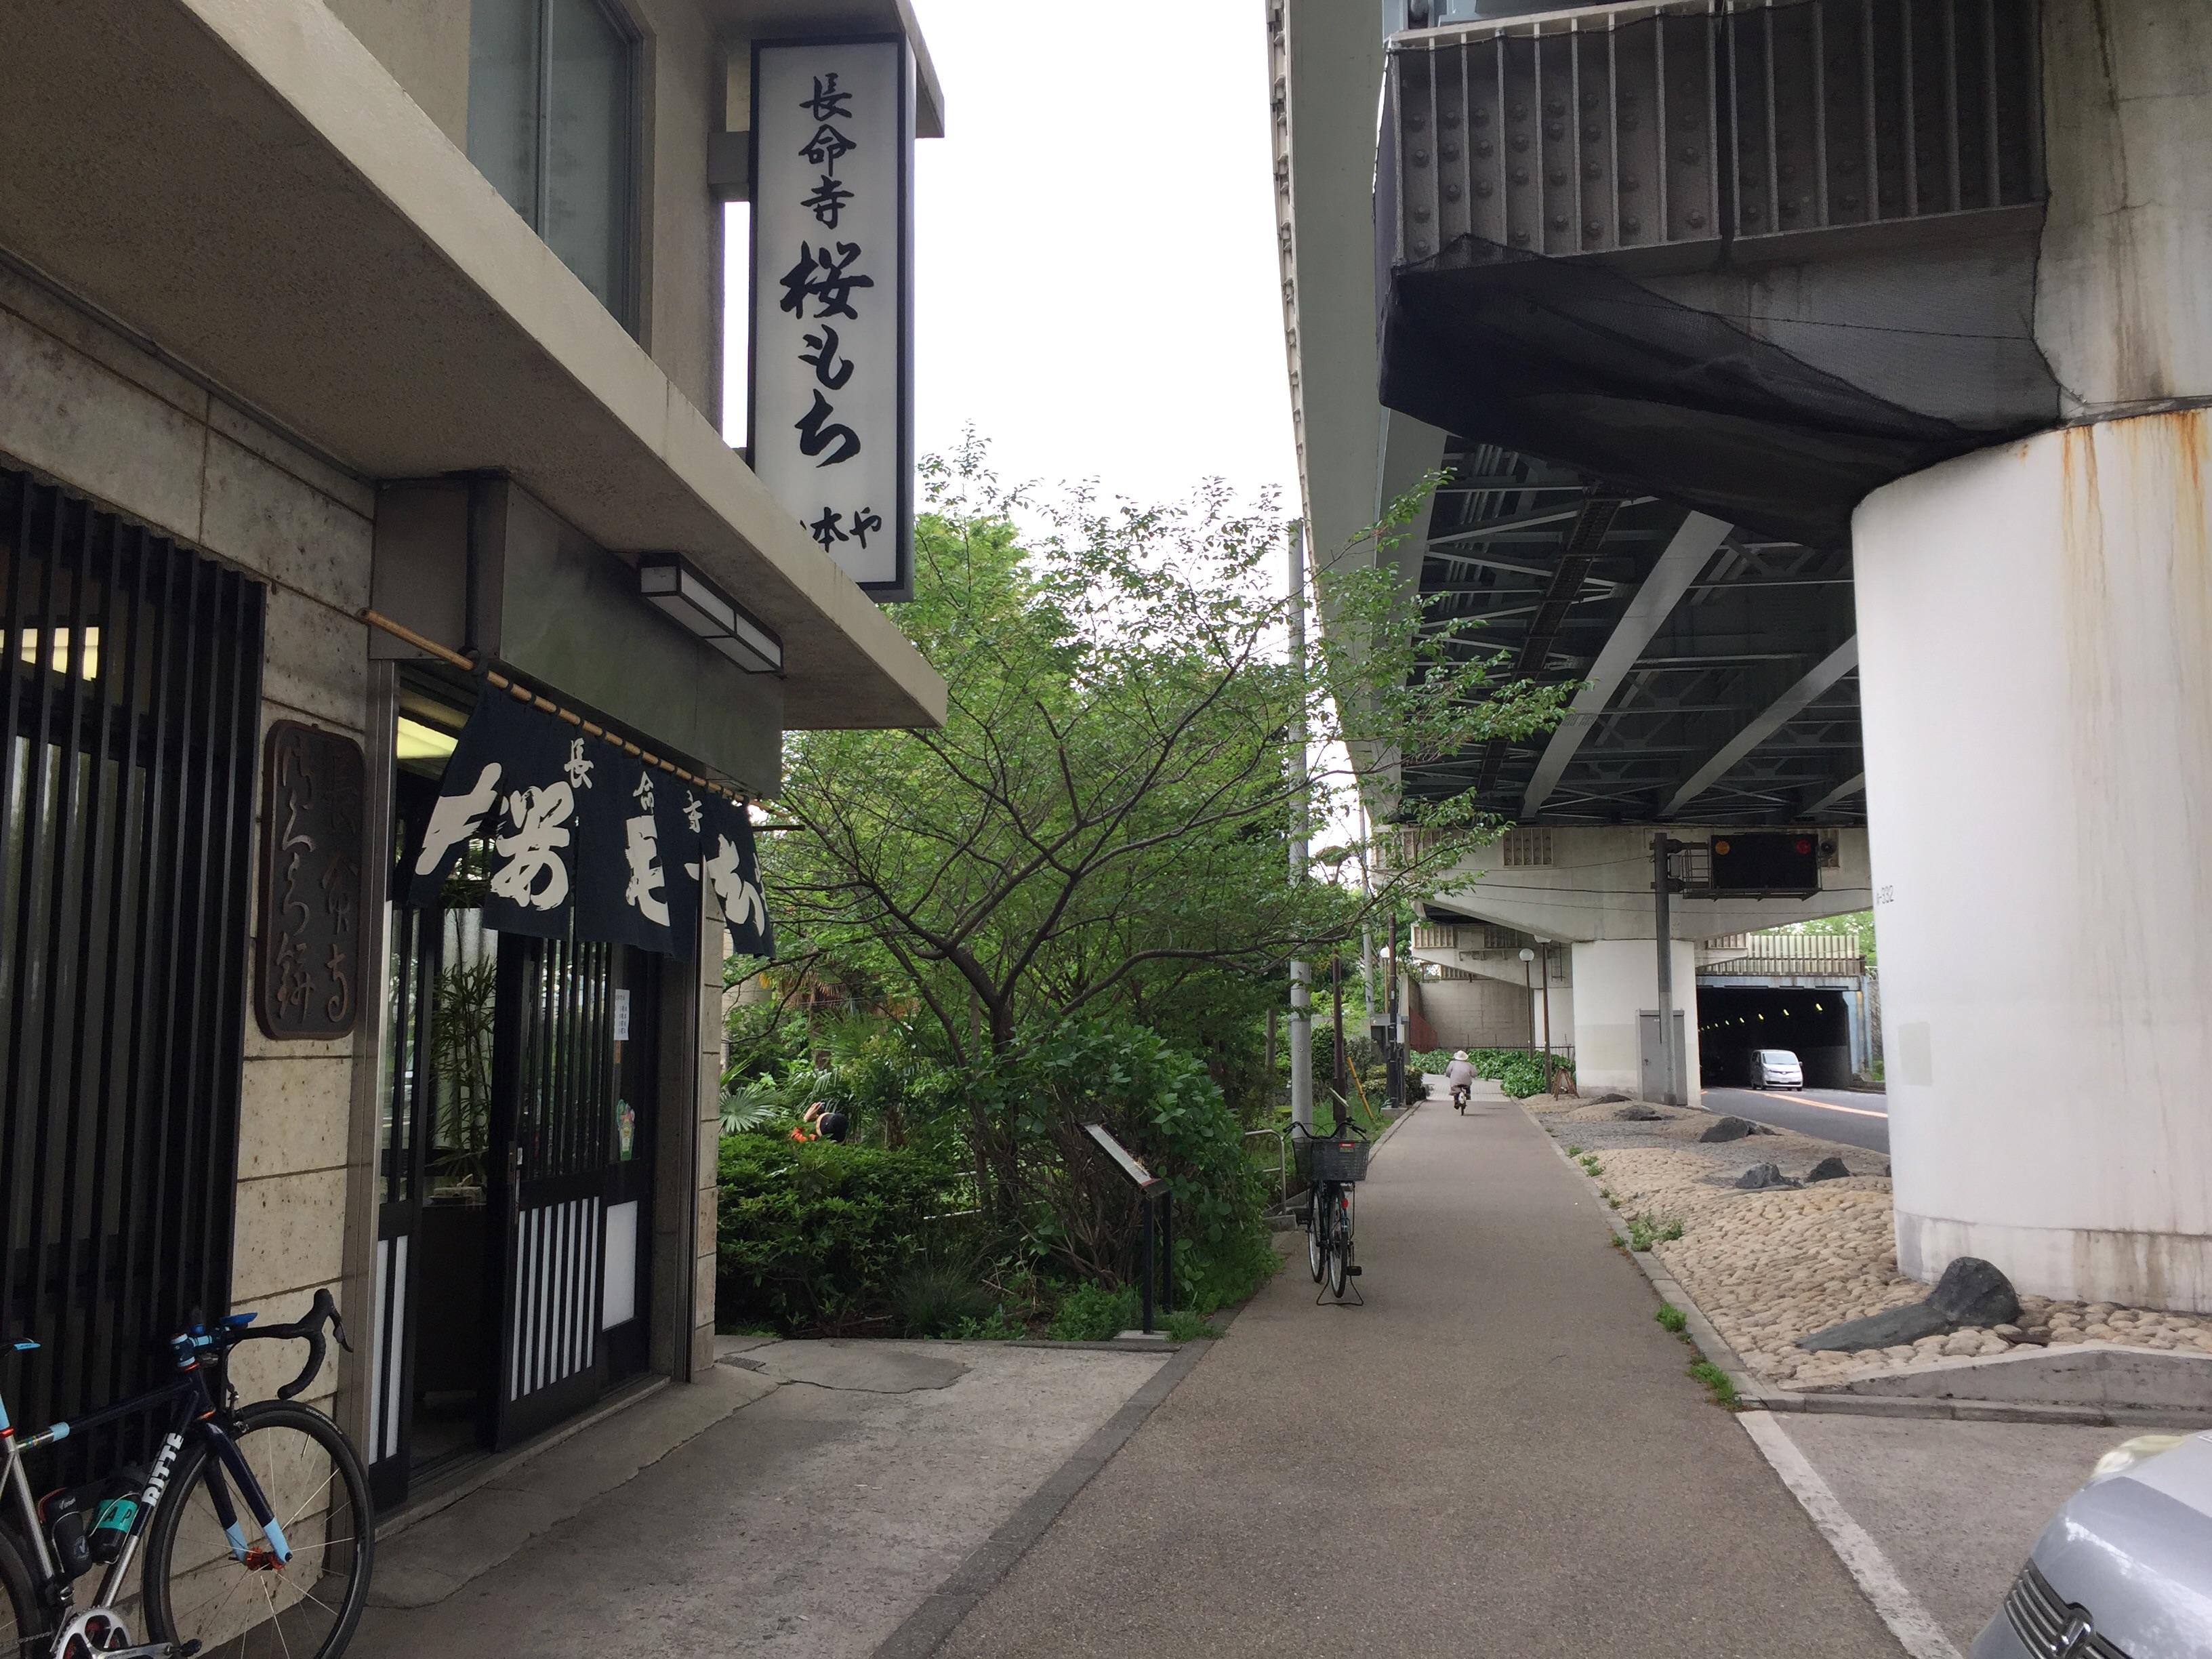 f:id:mfj_maap_jp:20170426234817j:image